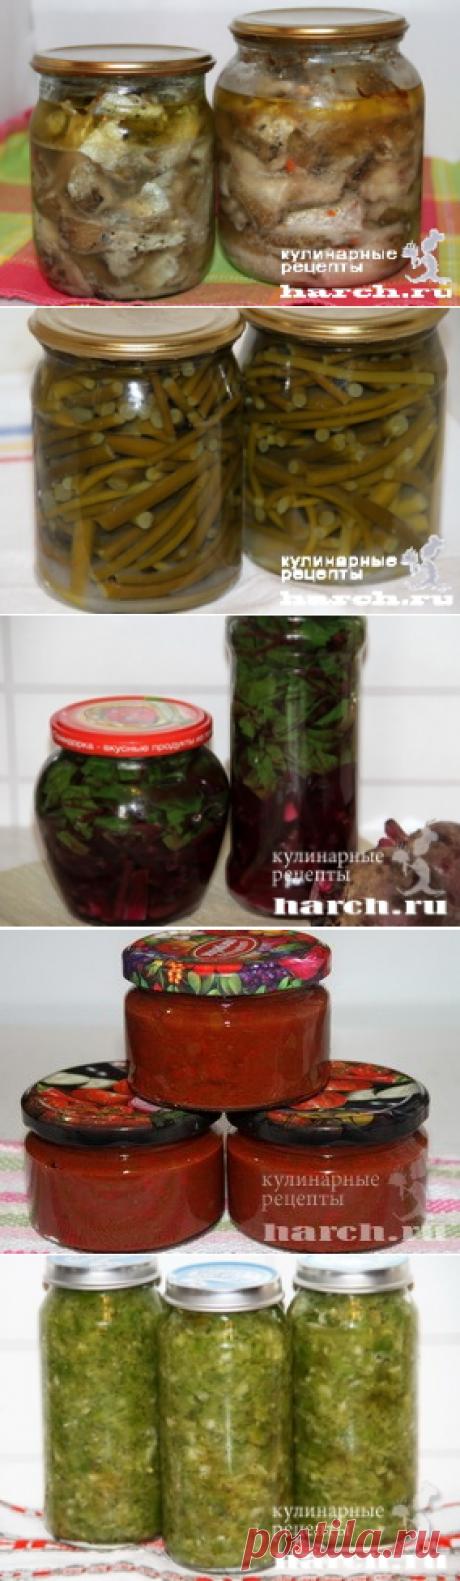 Другие заготовки | Фоторецепты на Харч.ру